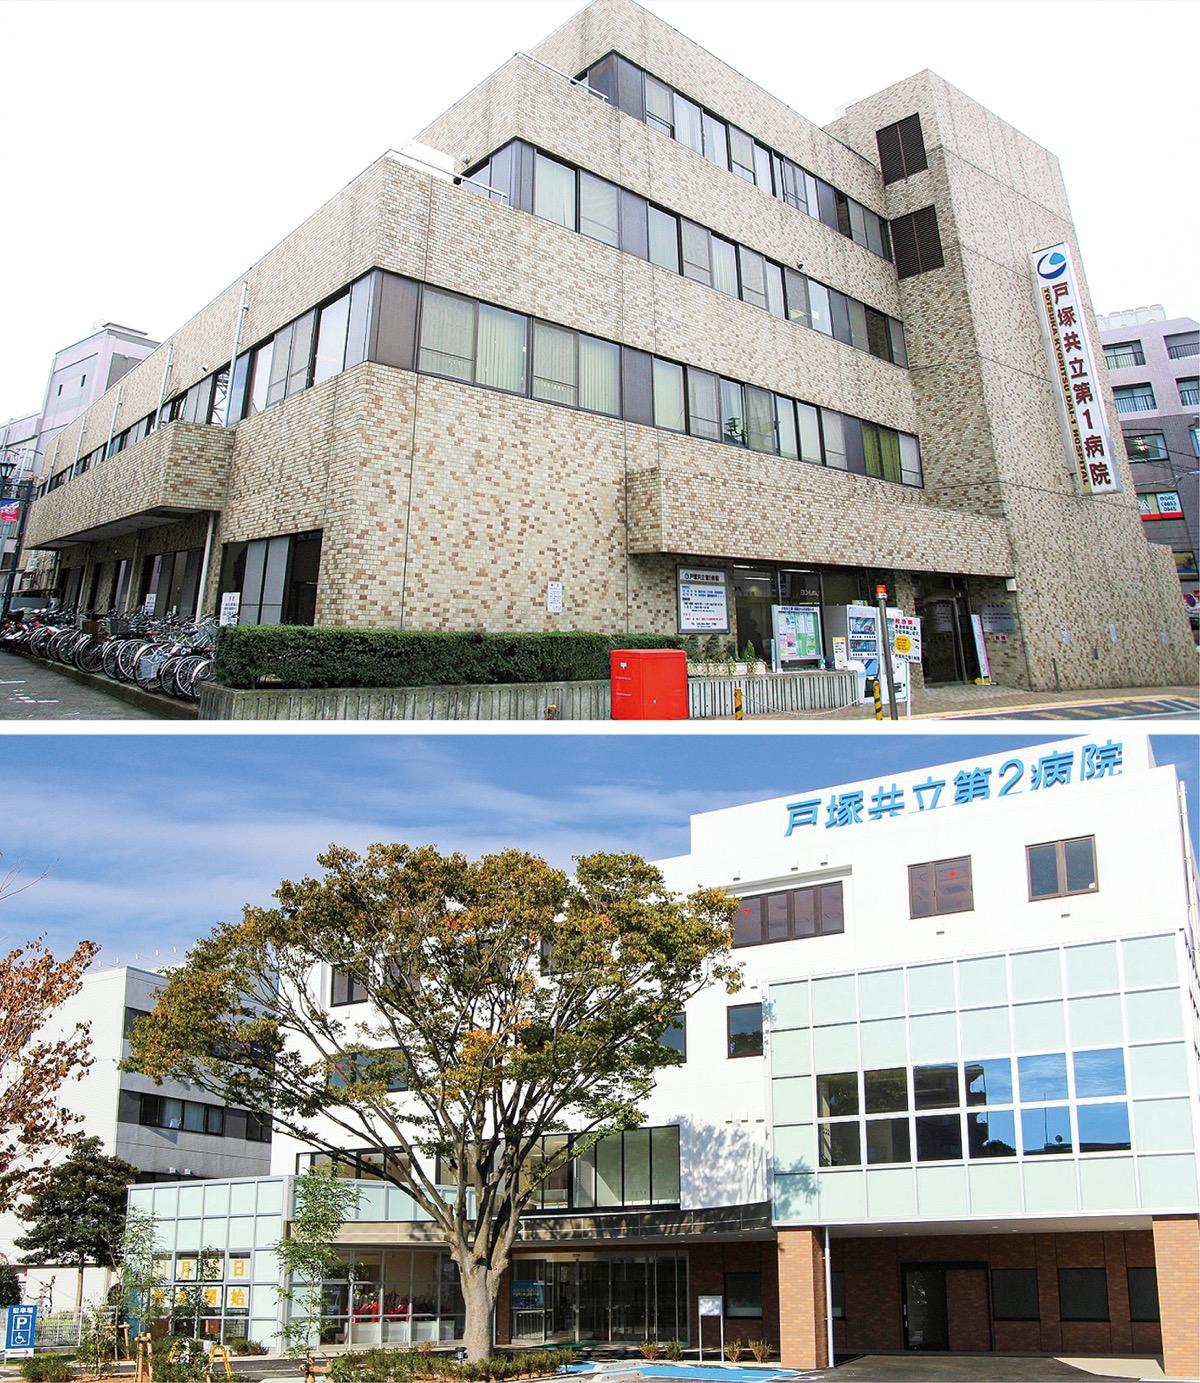 共立 病院 戸塚 第 2